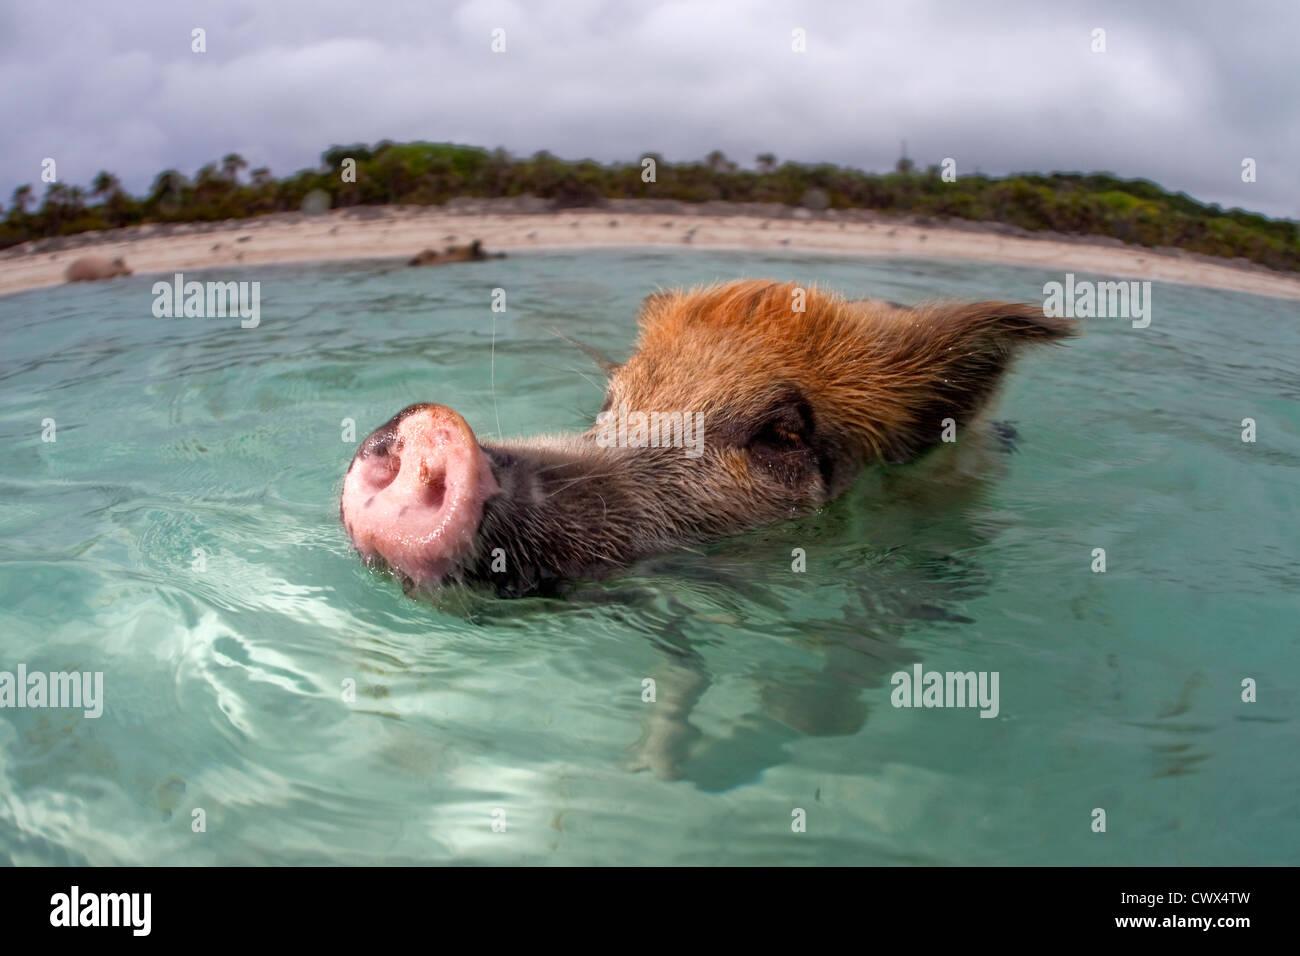 Un cochon sauvage nage jusqu'à un bateau plein de touristes à Staniel Cay aux Bahamas. Photo Stock